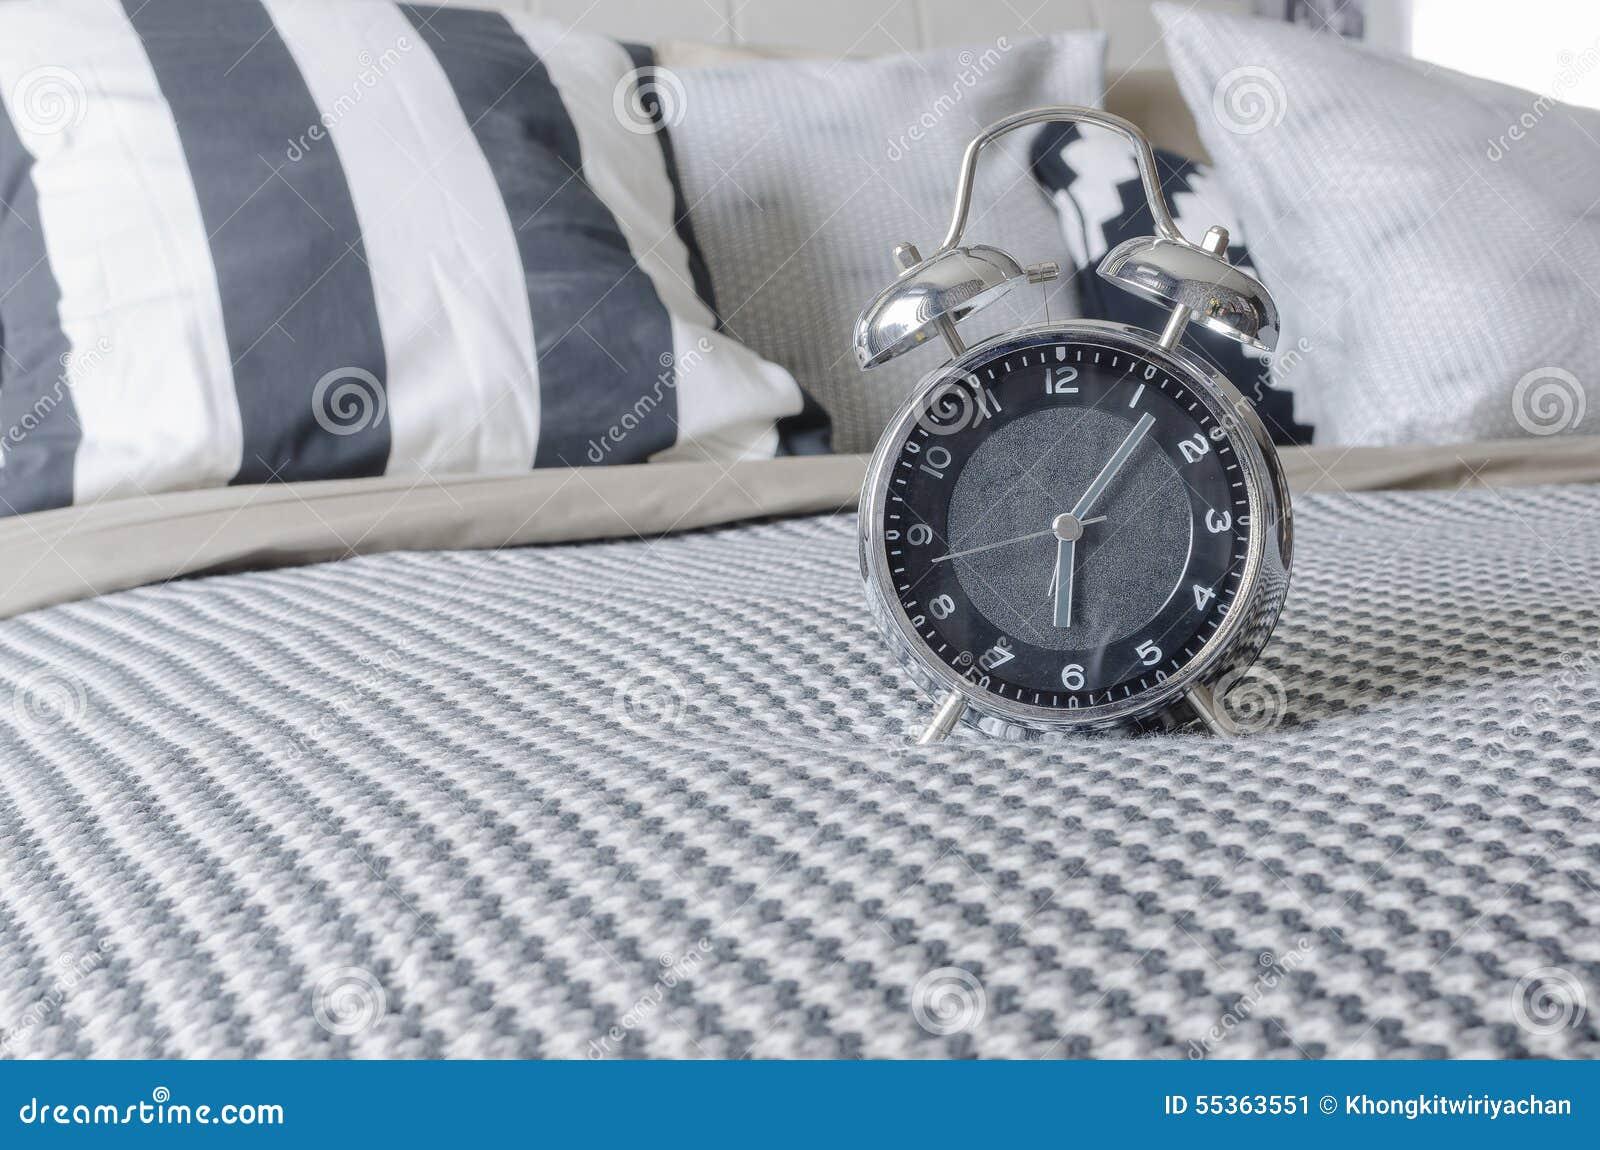 Sveglia moderna sul letto in bianco e nero